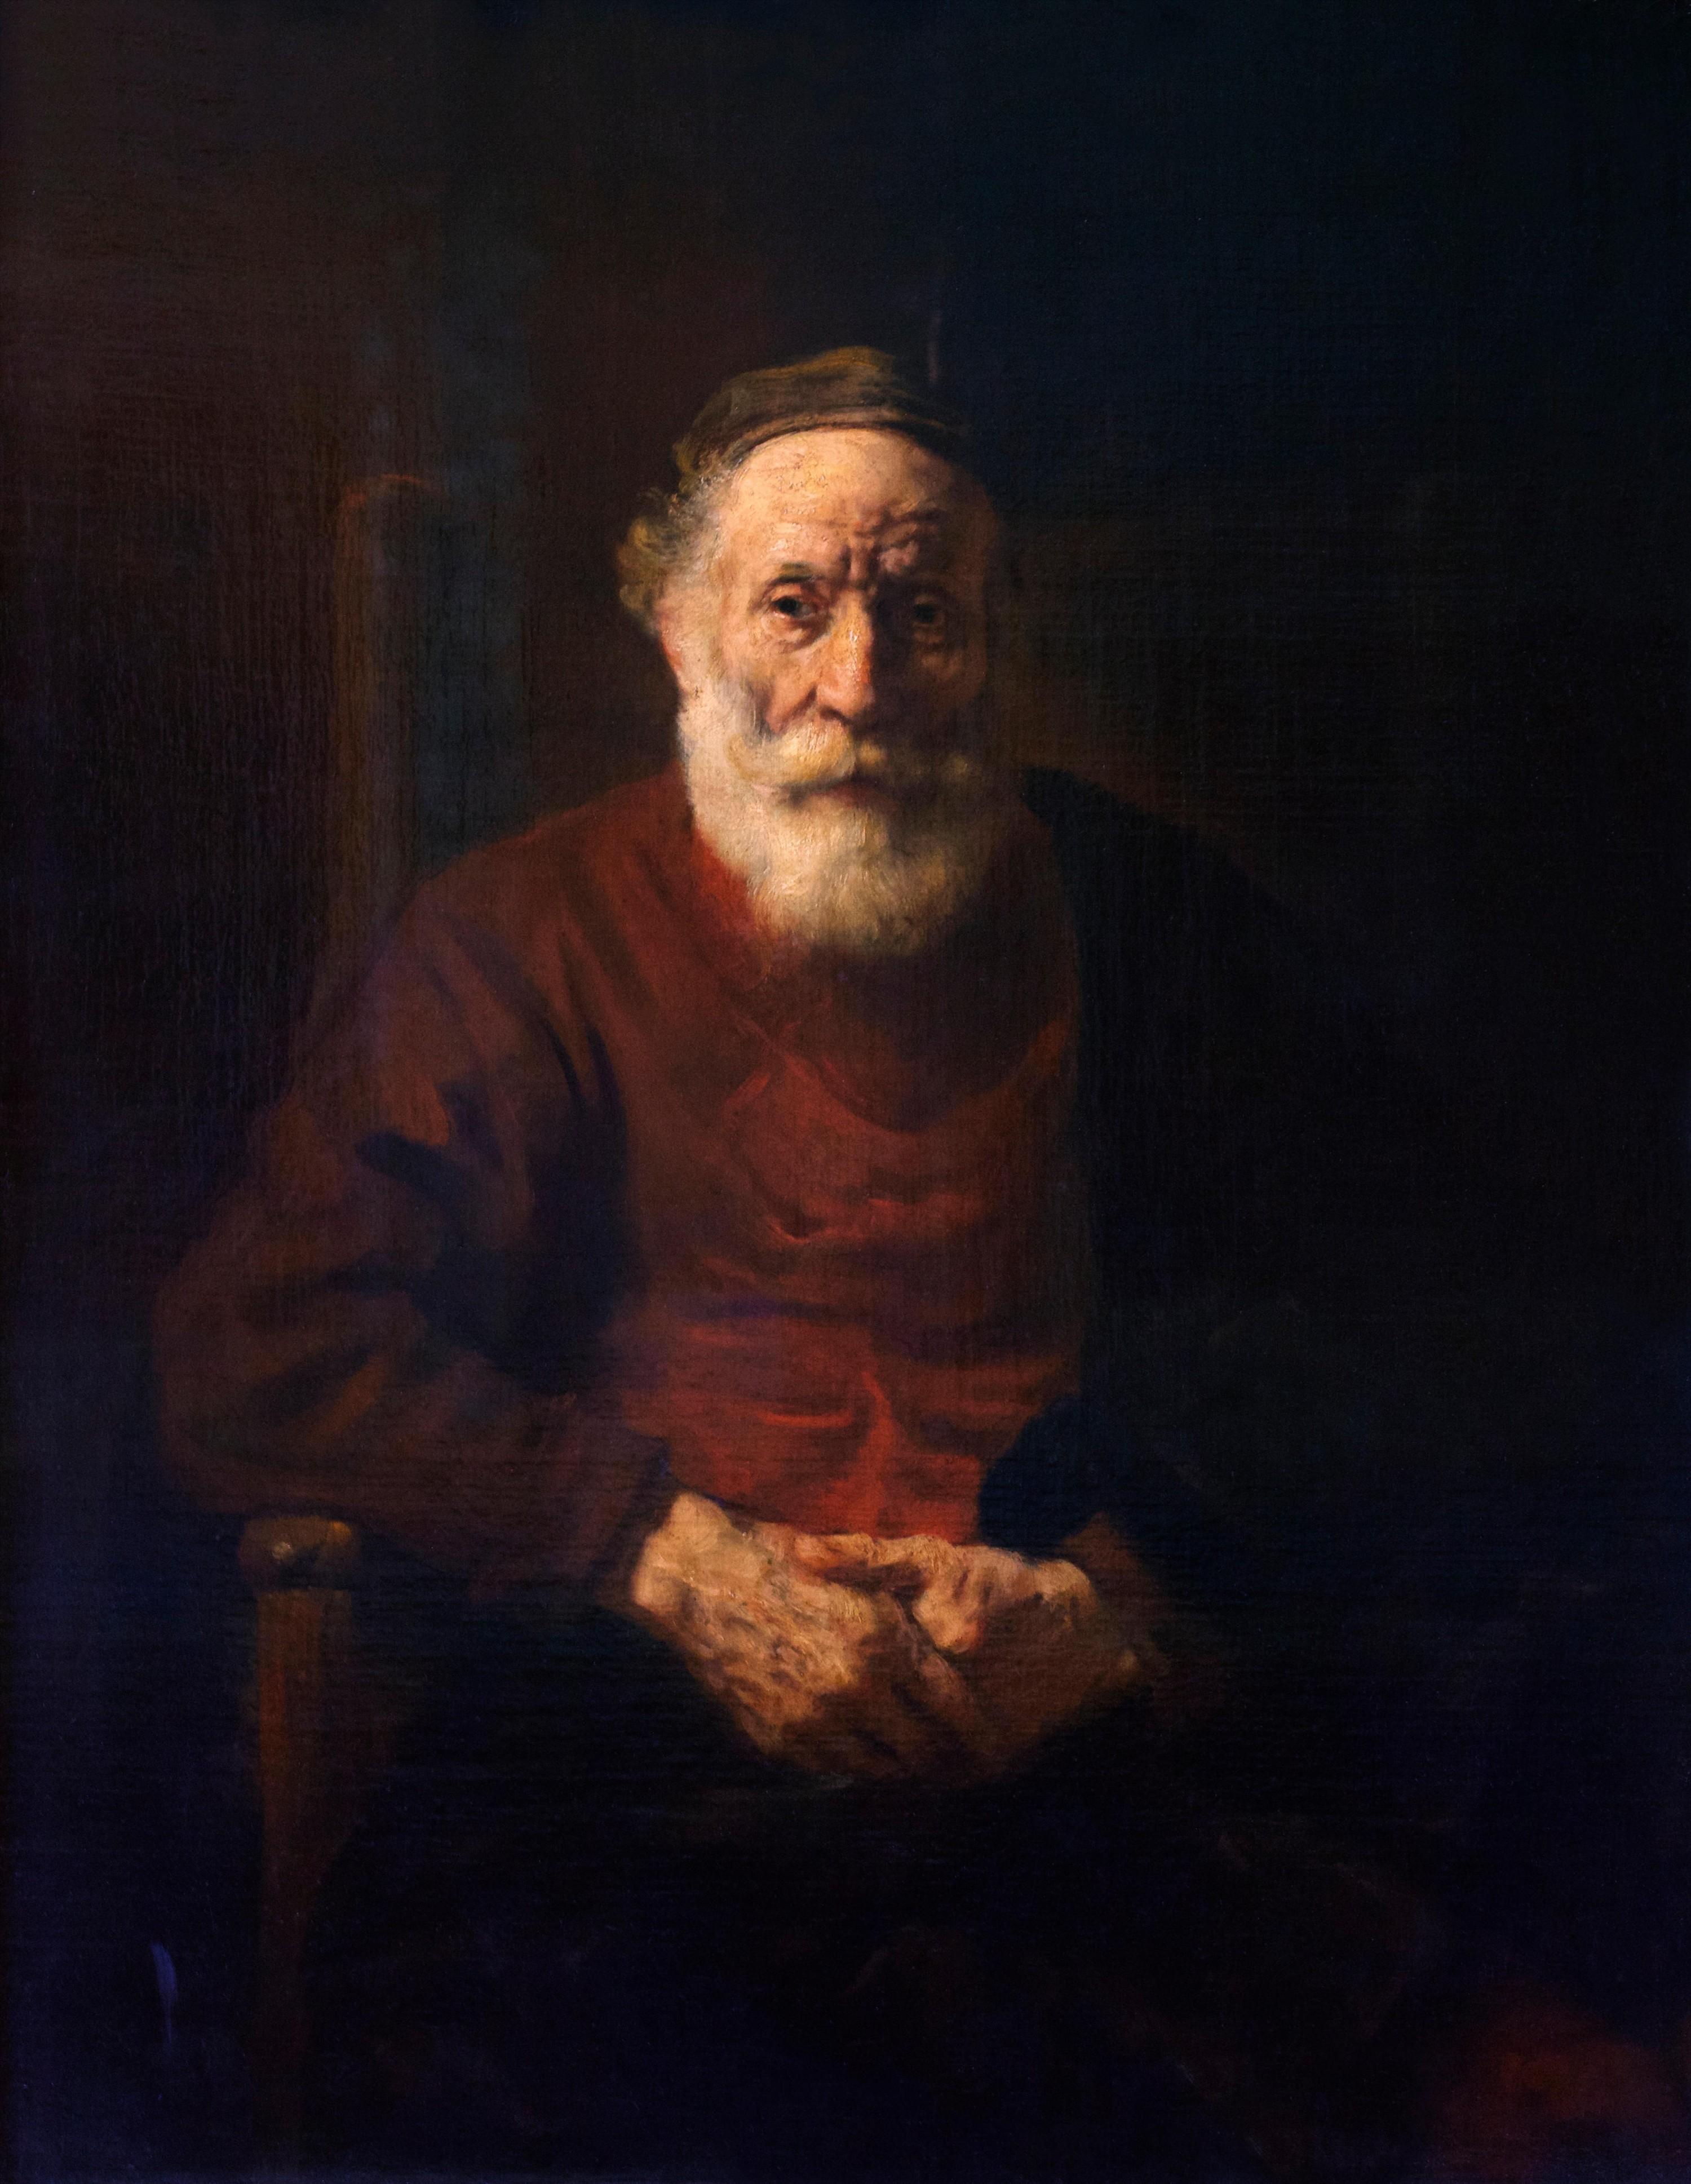 Rembrandt van Rijn, Portrait d'un vieil homme en rouge, 1652-1654, huile sur toile, 108 ×86 cm, musée de l'Ermitage, Saint-Pétersbourg, Russie.